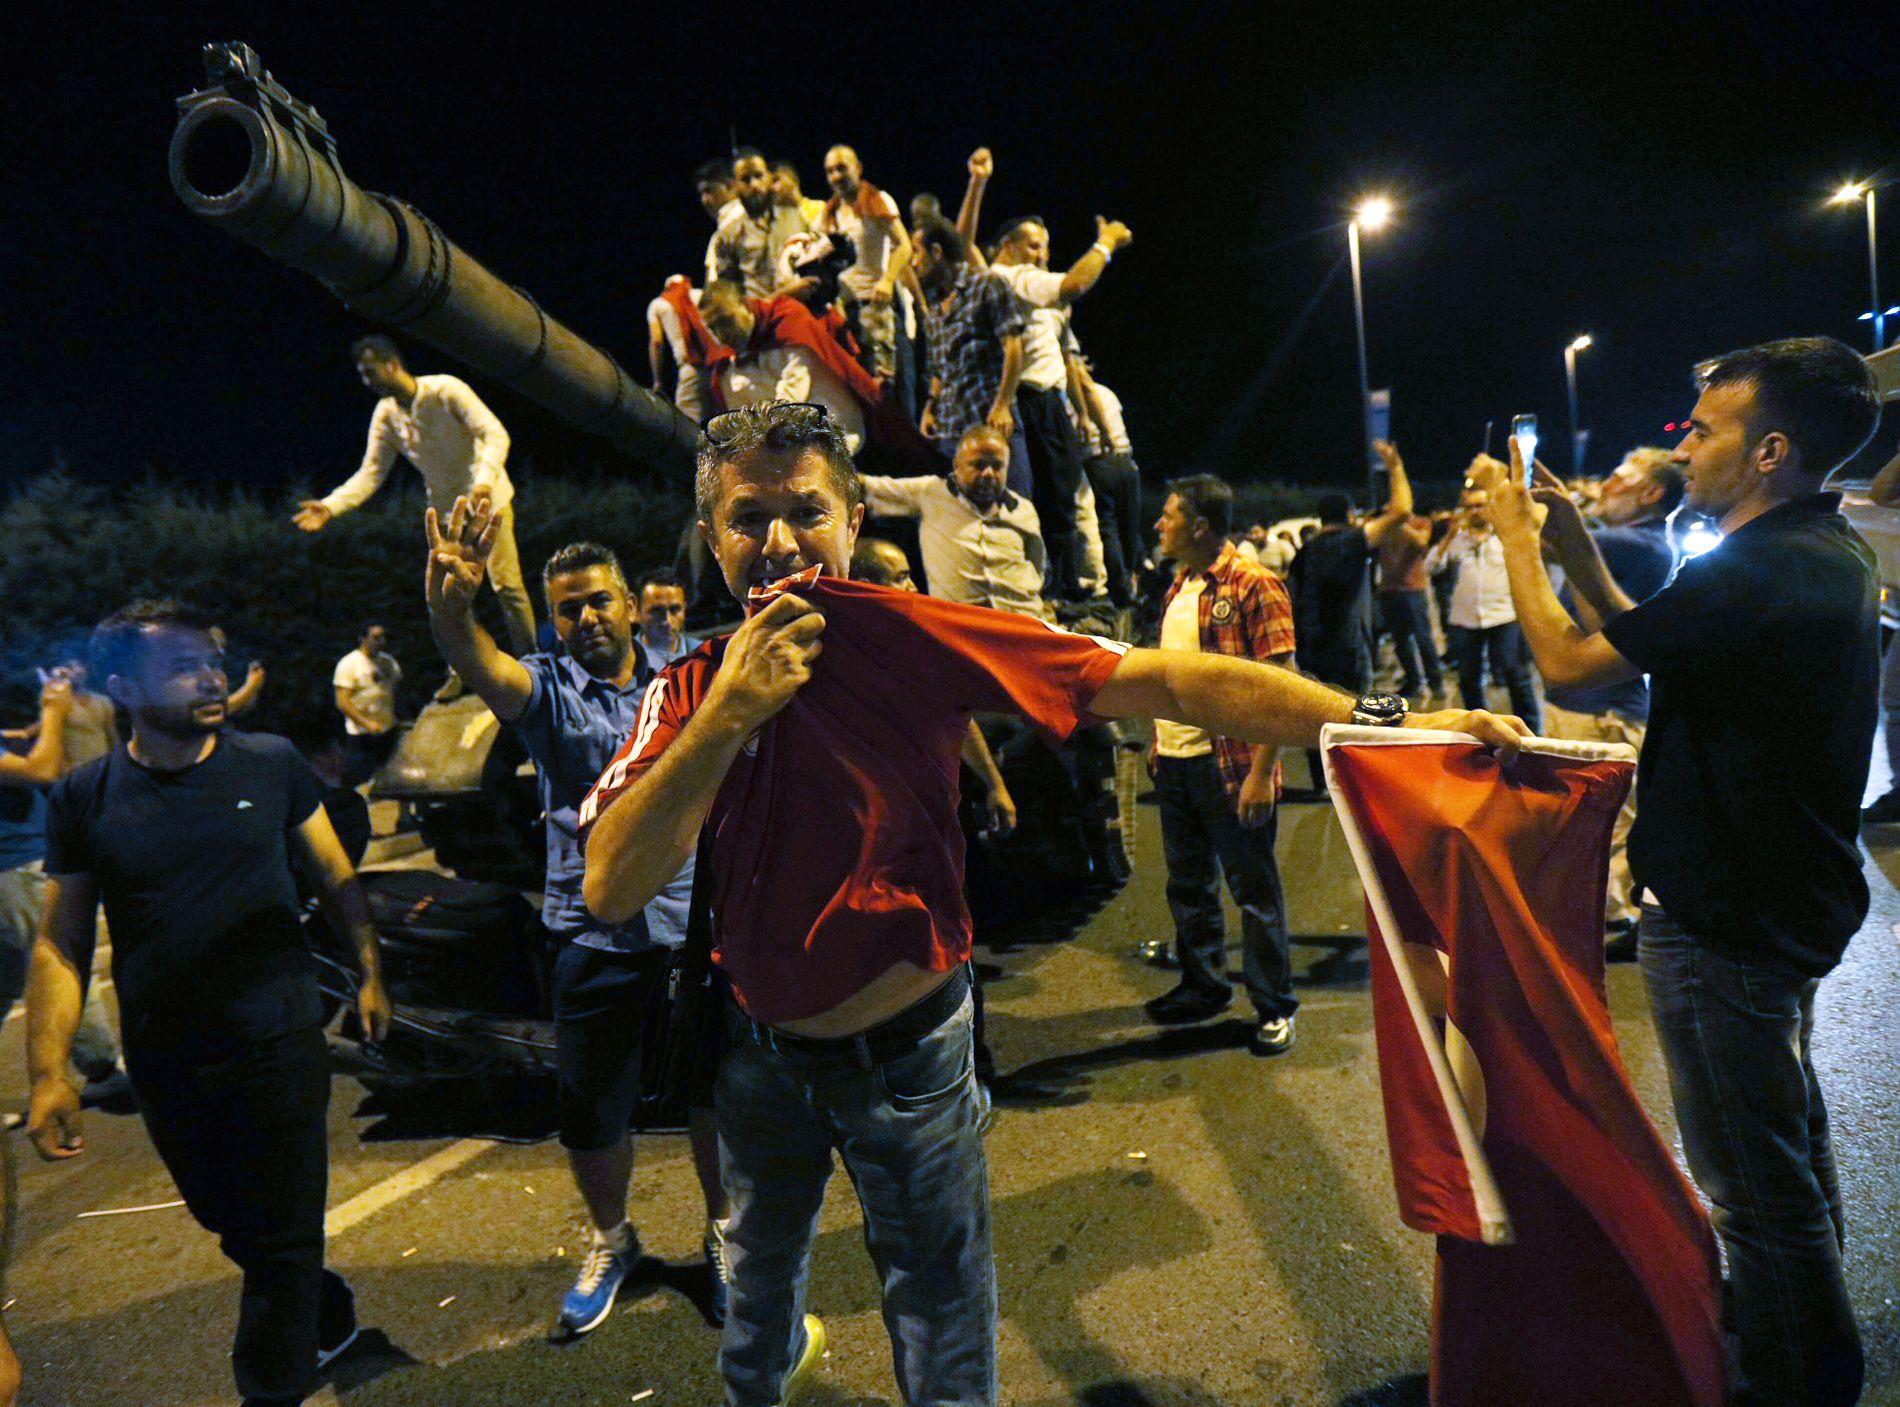 PÅ TANKS: Folk hadde inntatt en tyrisk tanks ved Ataturk flyplass i Istanbul natt til lørdag.